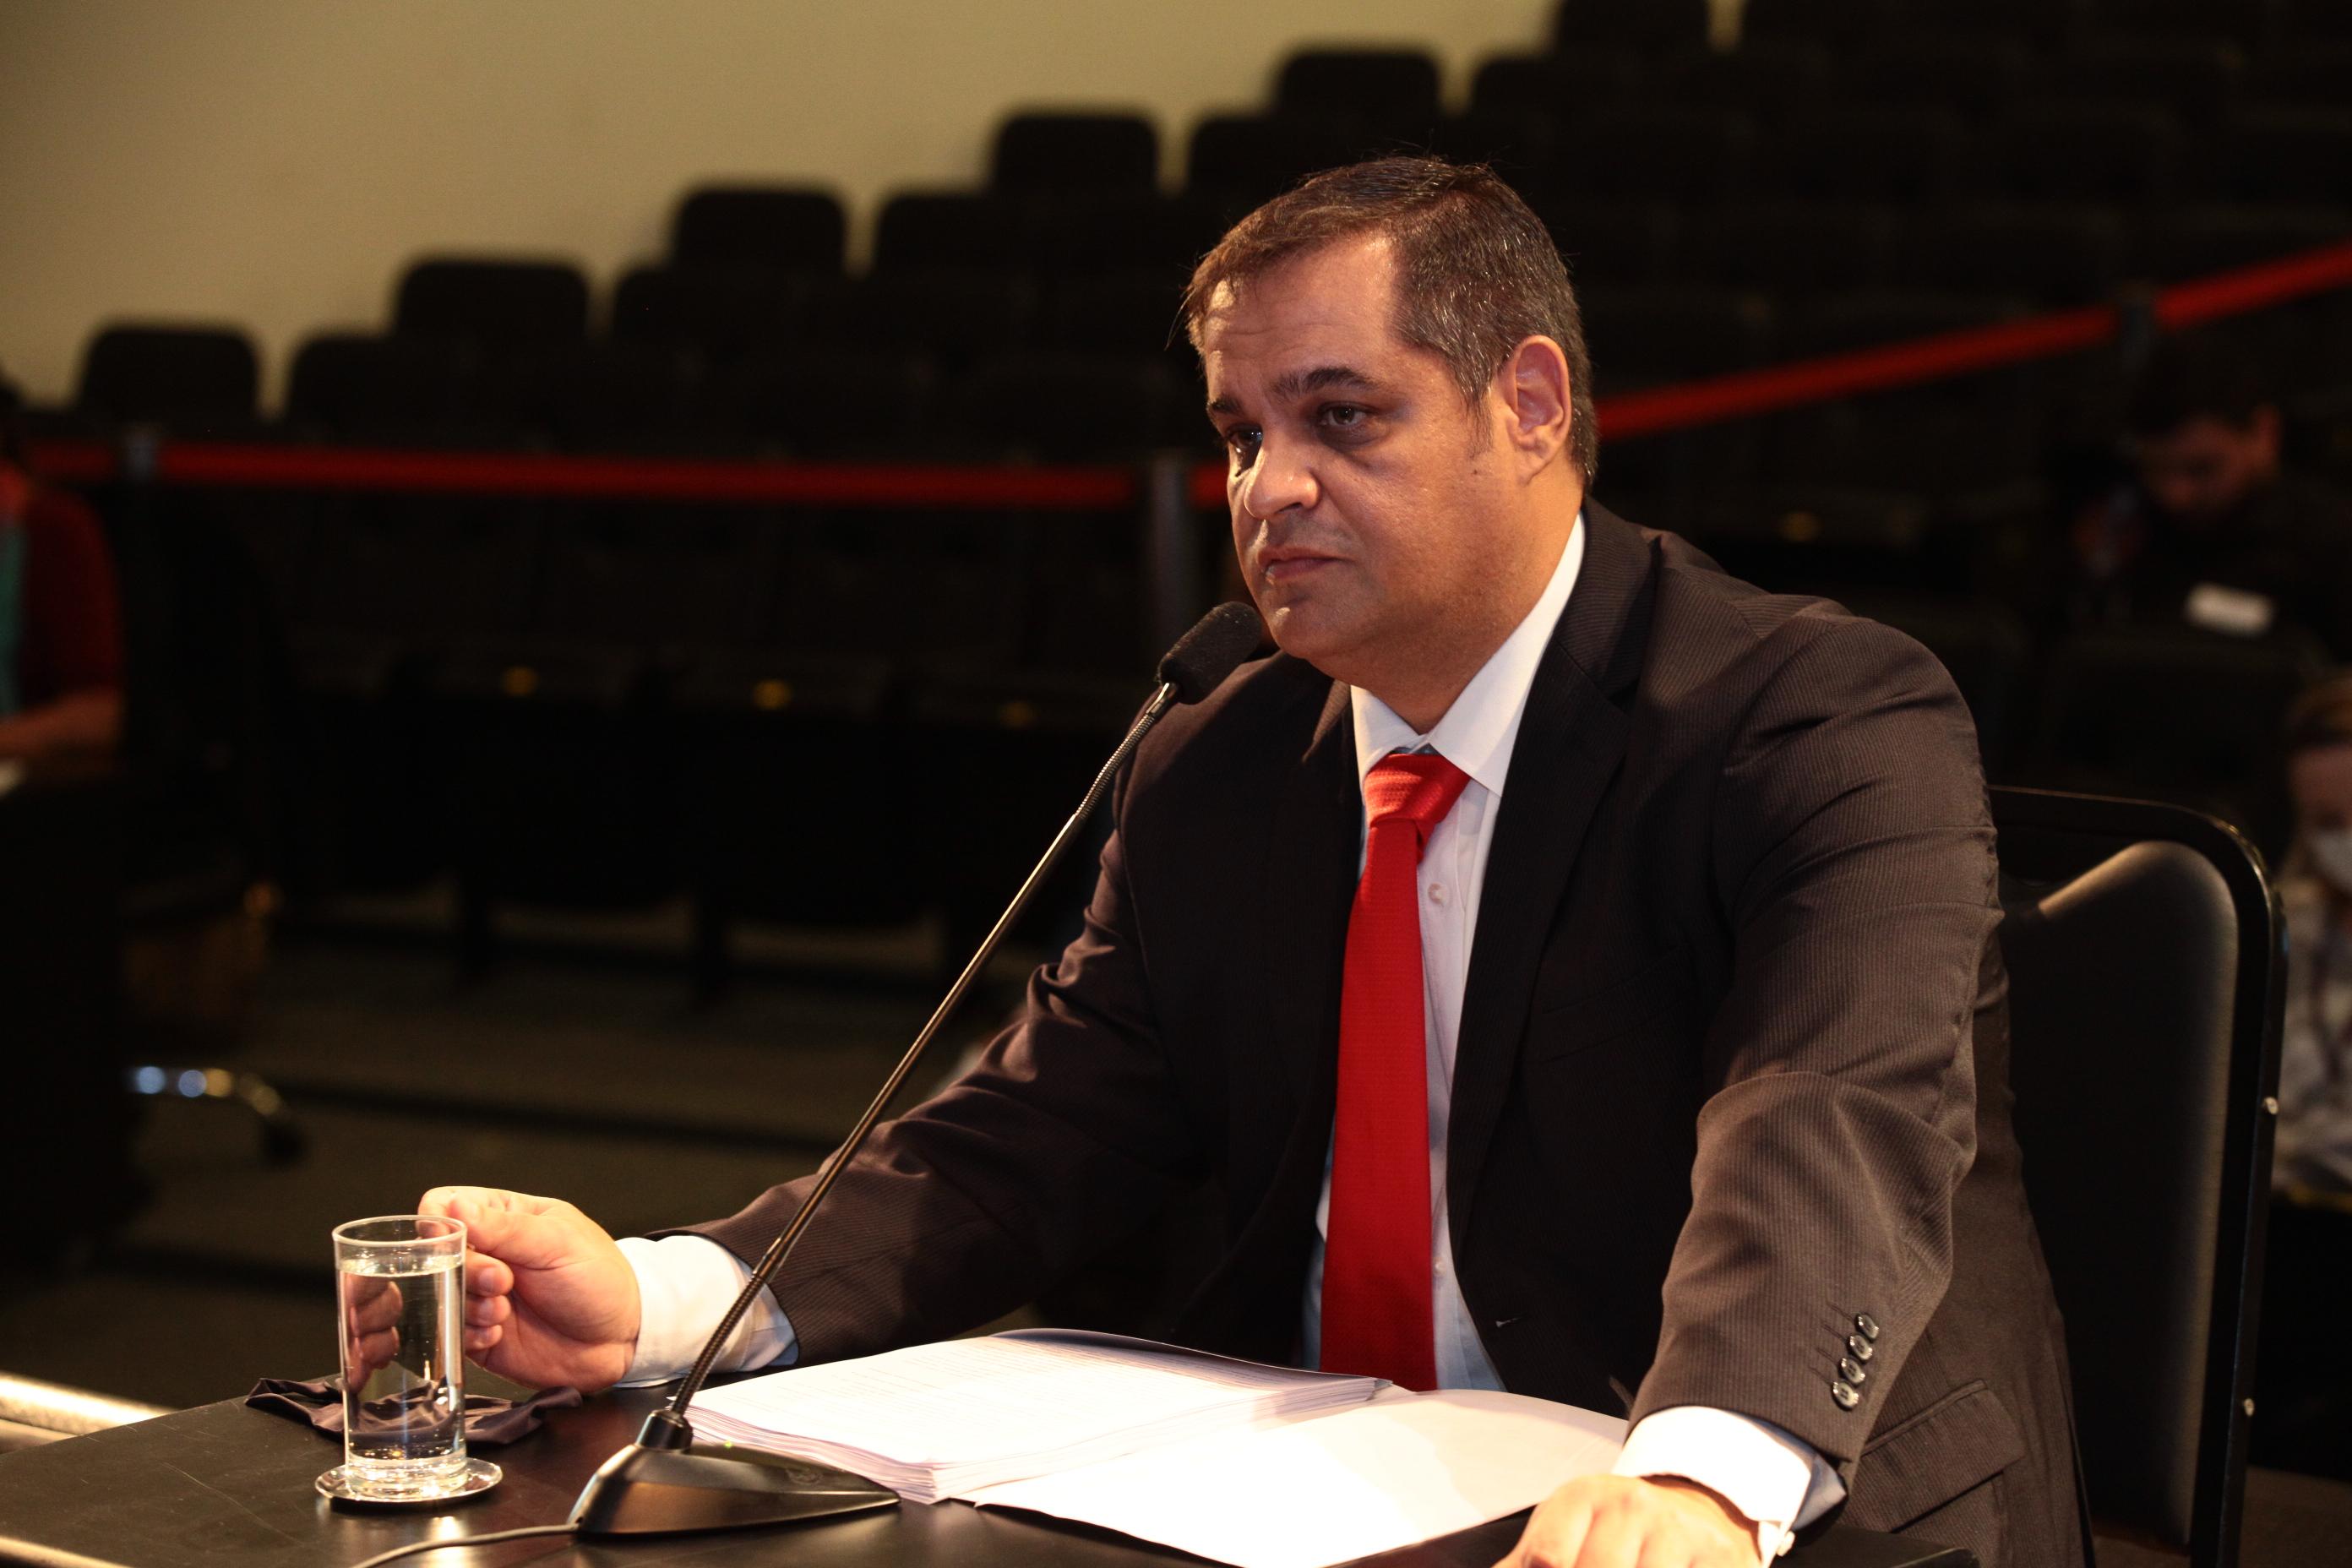 Carlos Roberto Costa Júnior, assessor jurídico da Superintendência de Gestão Administrativa da Secretaria de Estado da Saúde